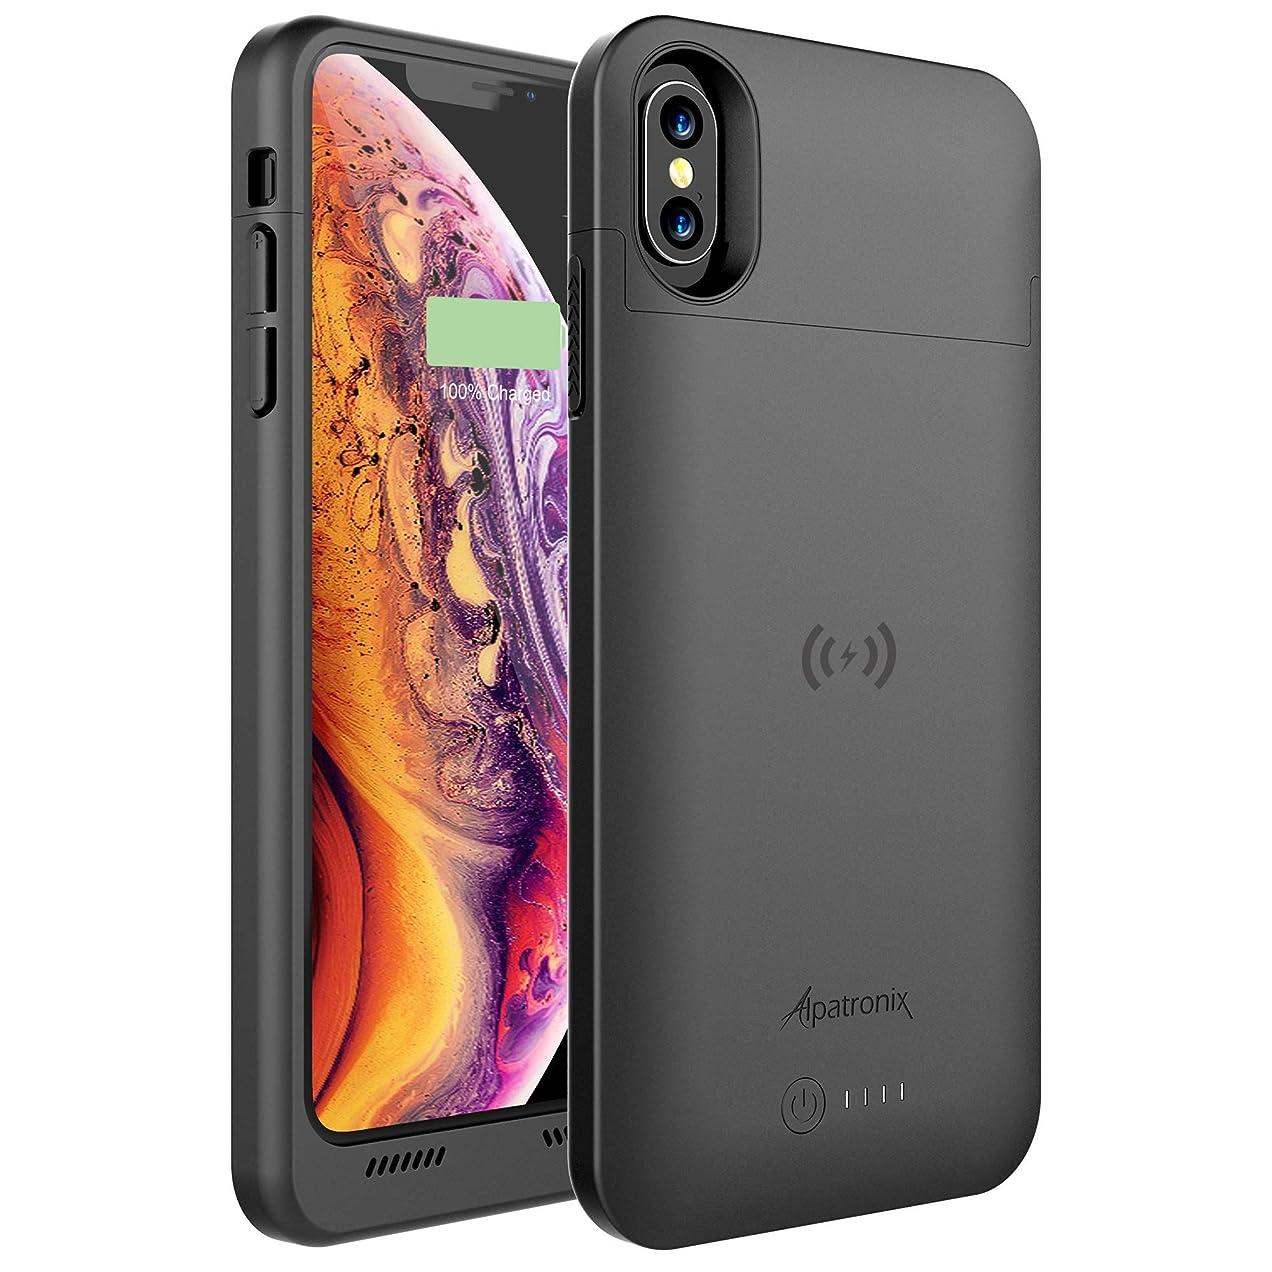 スープシティ野生互換性のあるQiワイヤレス充電付きiPhone Xsマックスバッテリーケース、Alpatronix BXXマックス6.5インチ5000mAh iPhone Xsマックスジュースバンク電源ケース用保護保護充電式拡張充電器